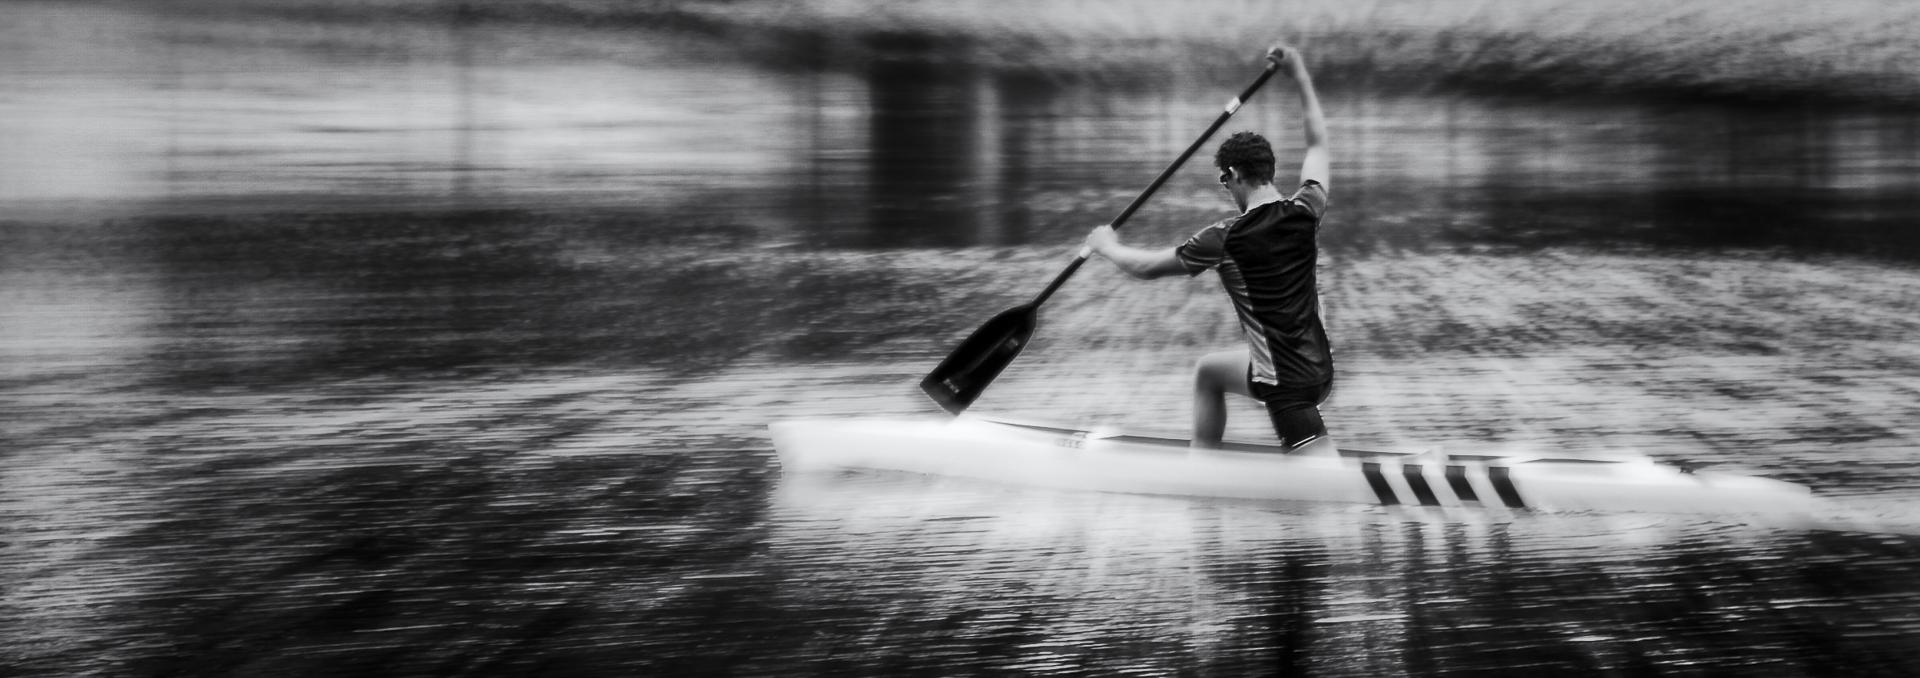 Le kayakiste